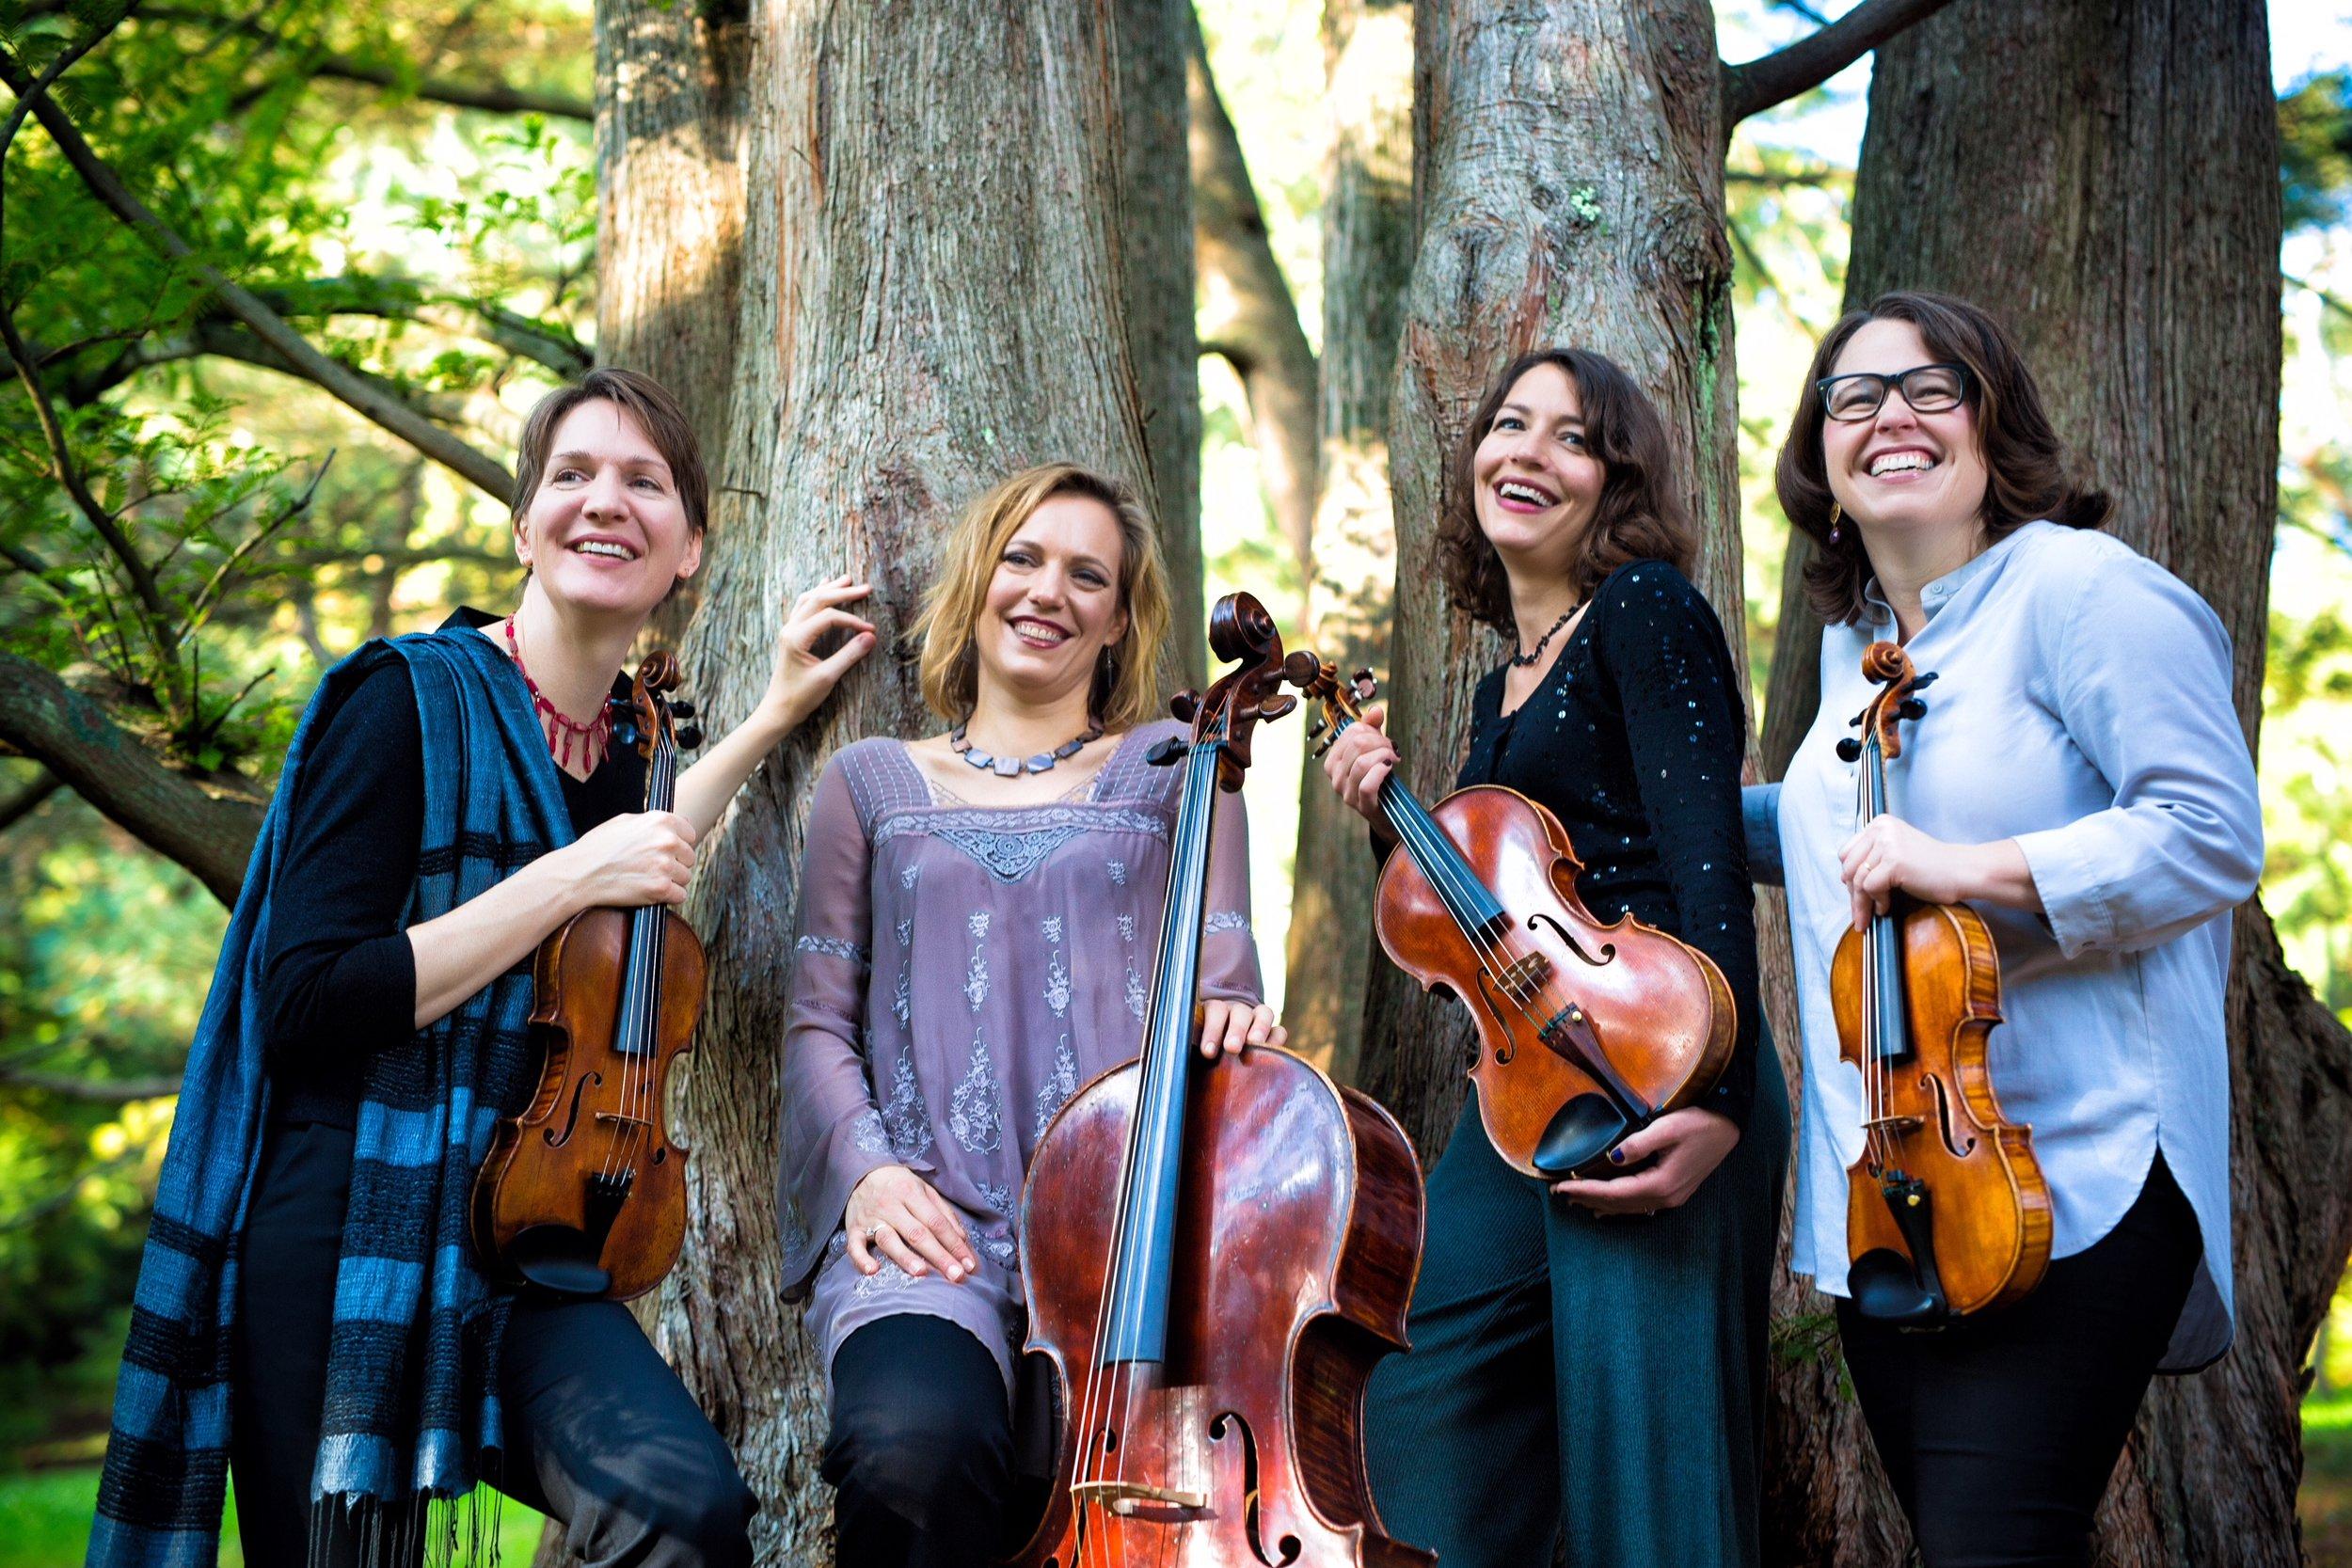 chamber music among friends - the 2019-20 season